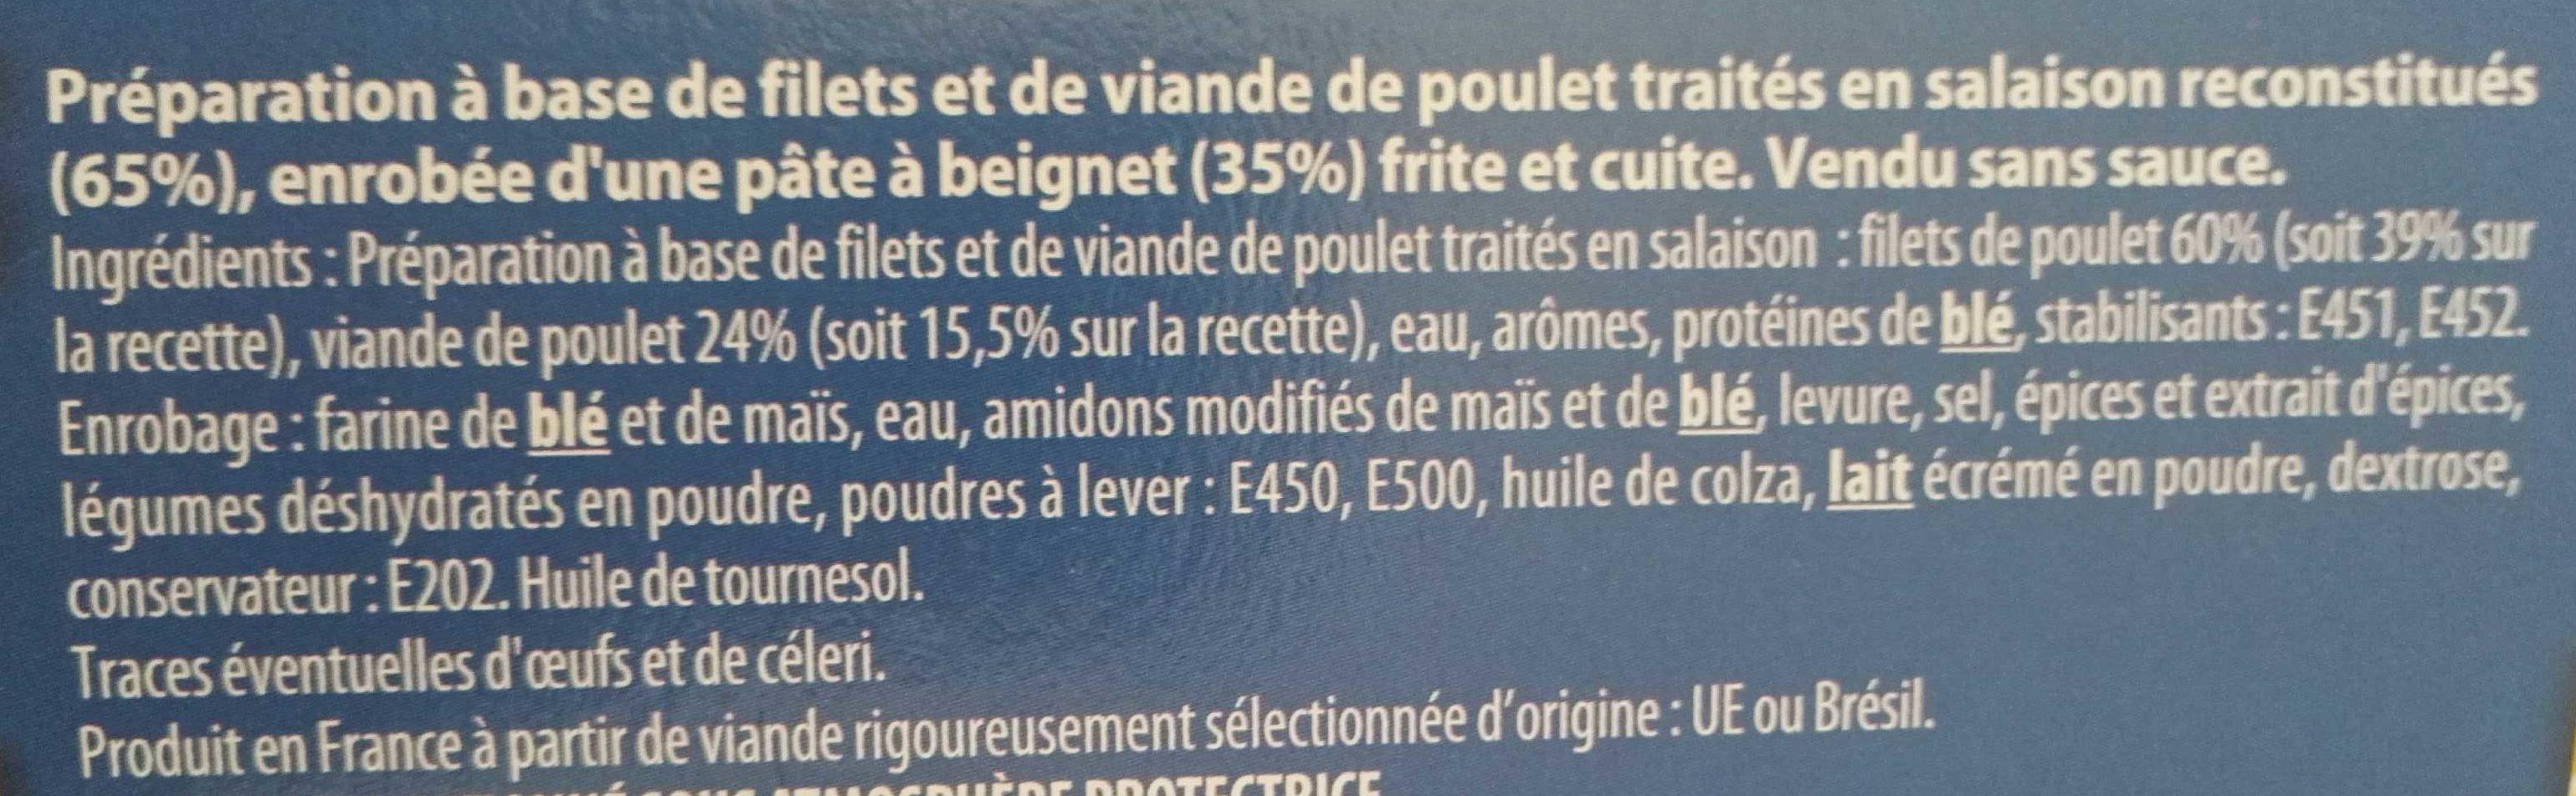 Nuggets aux filets de poulet -25% de sel - Ingrédients